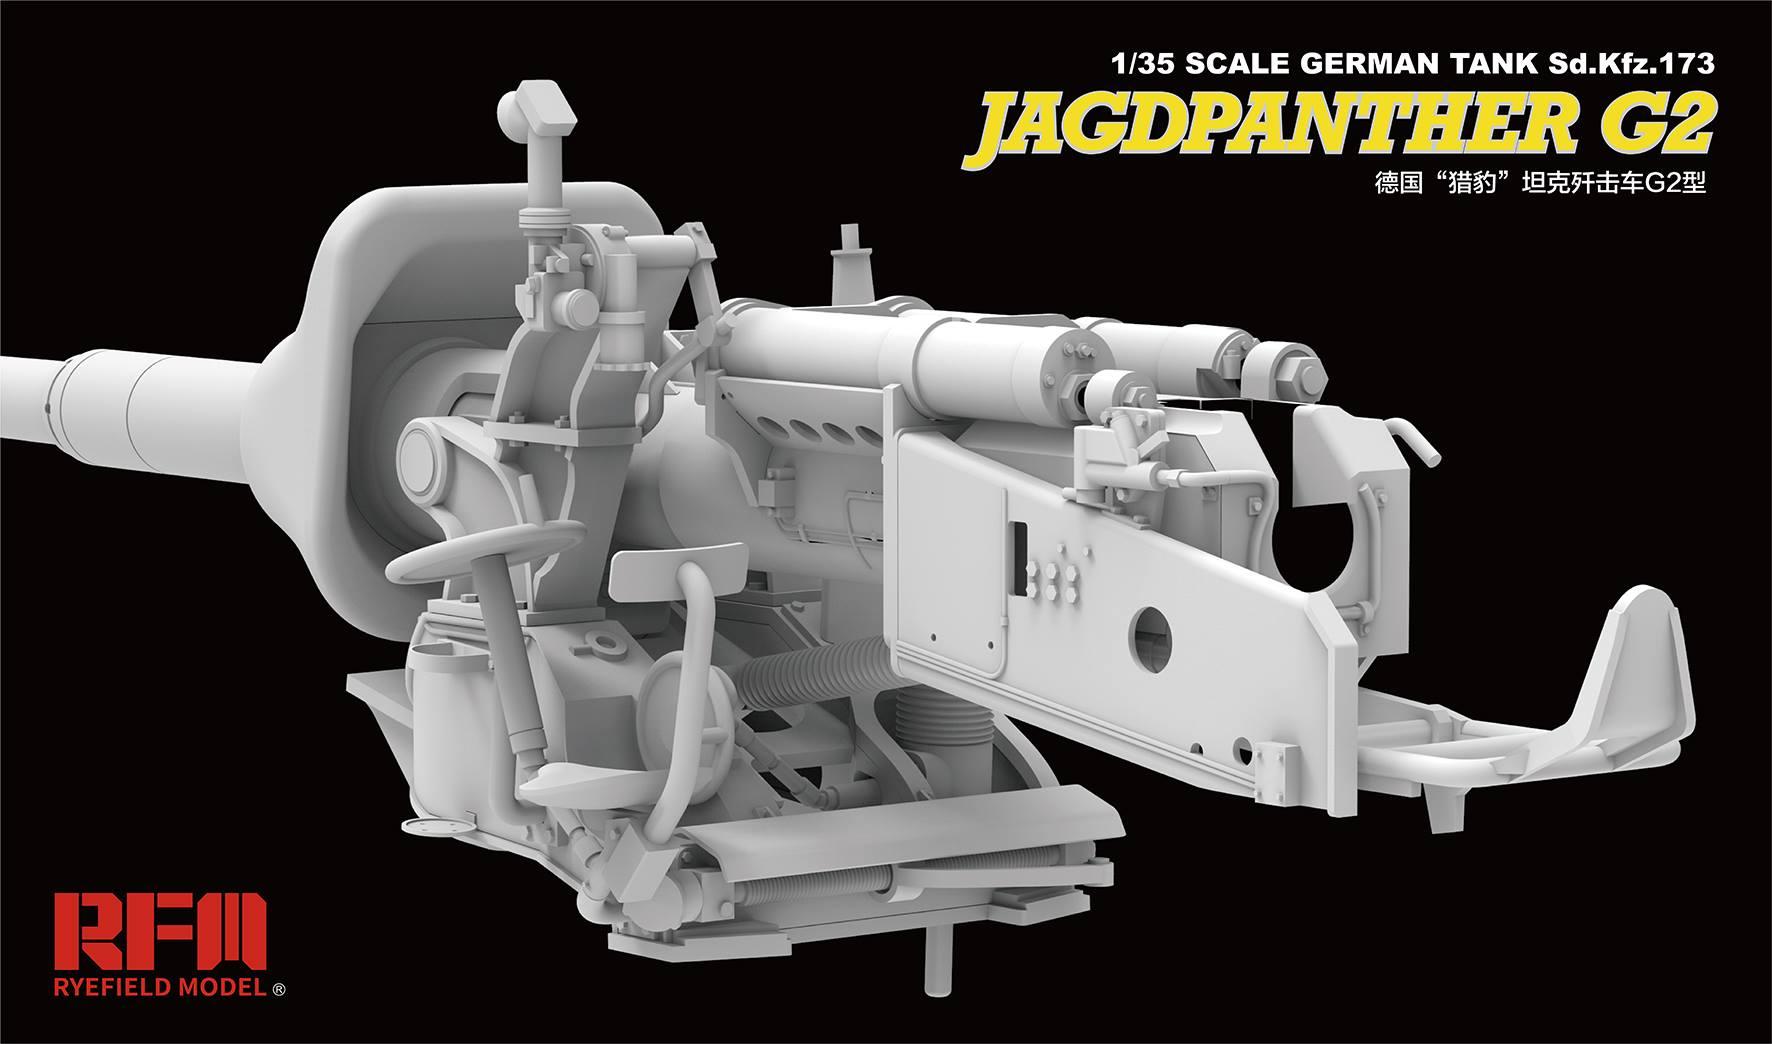 RYEFIELD RM5022 1//35 WWⅡ GERMAN JAGDPANTHER G2 W//FULL INTERIOR PLASTIC MODEL KIT